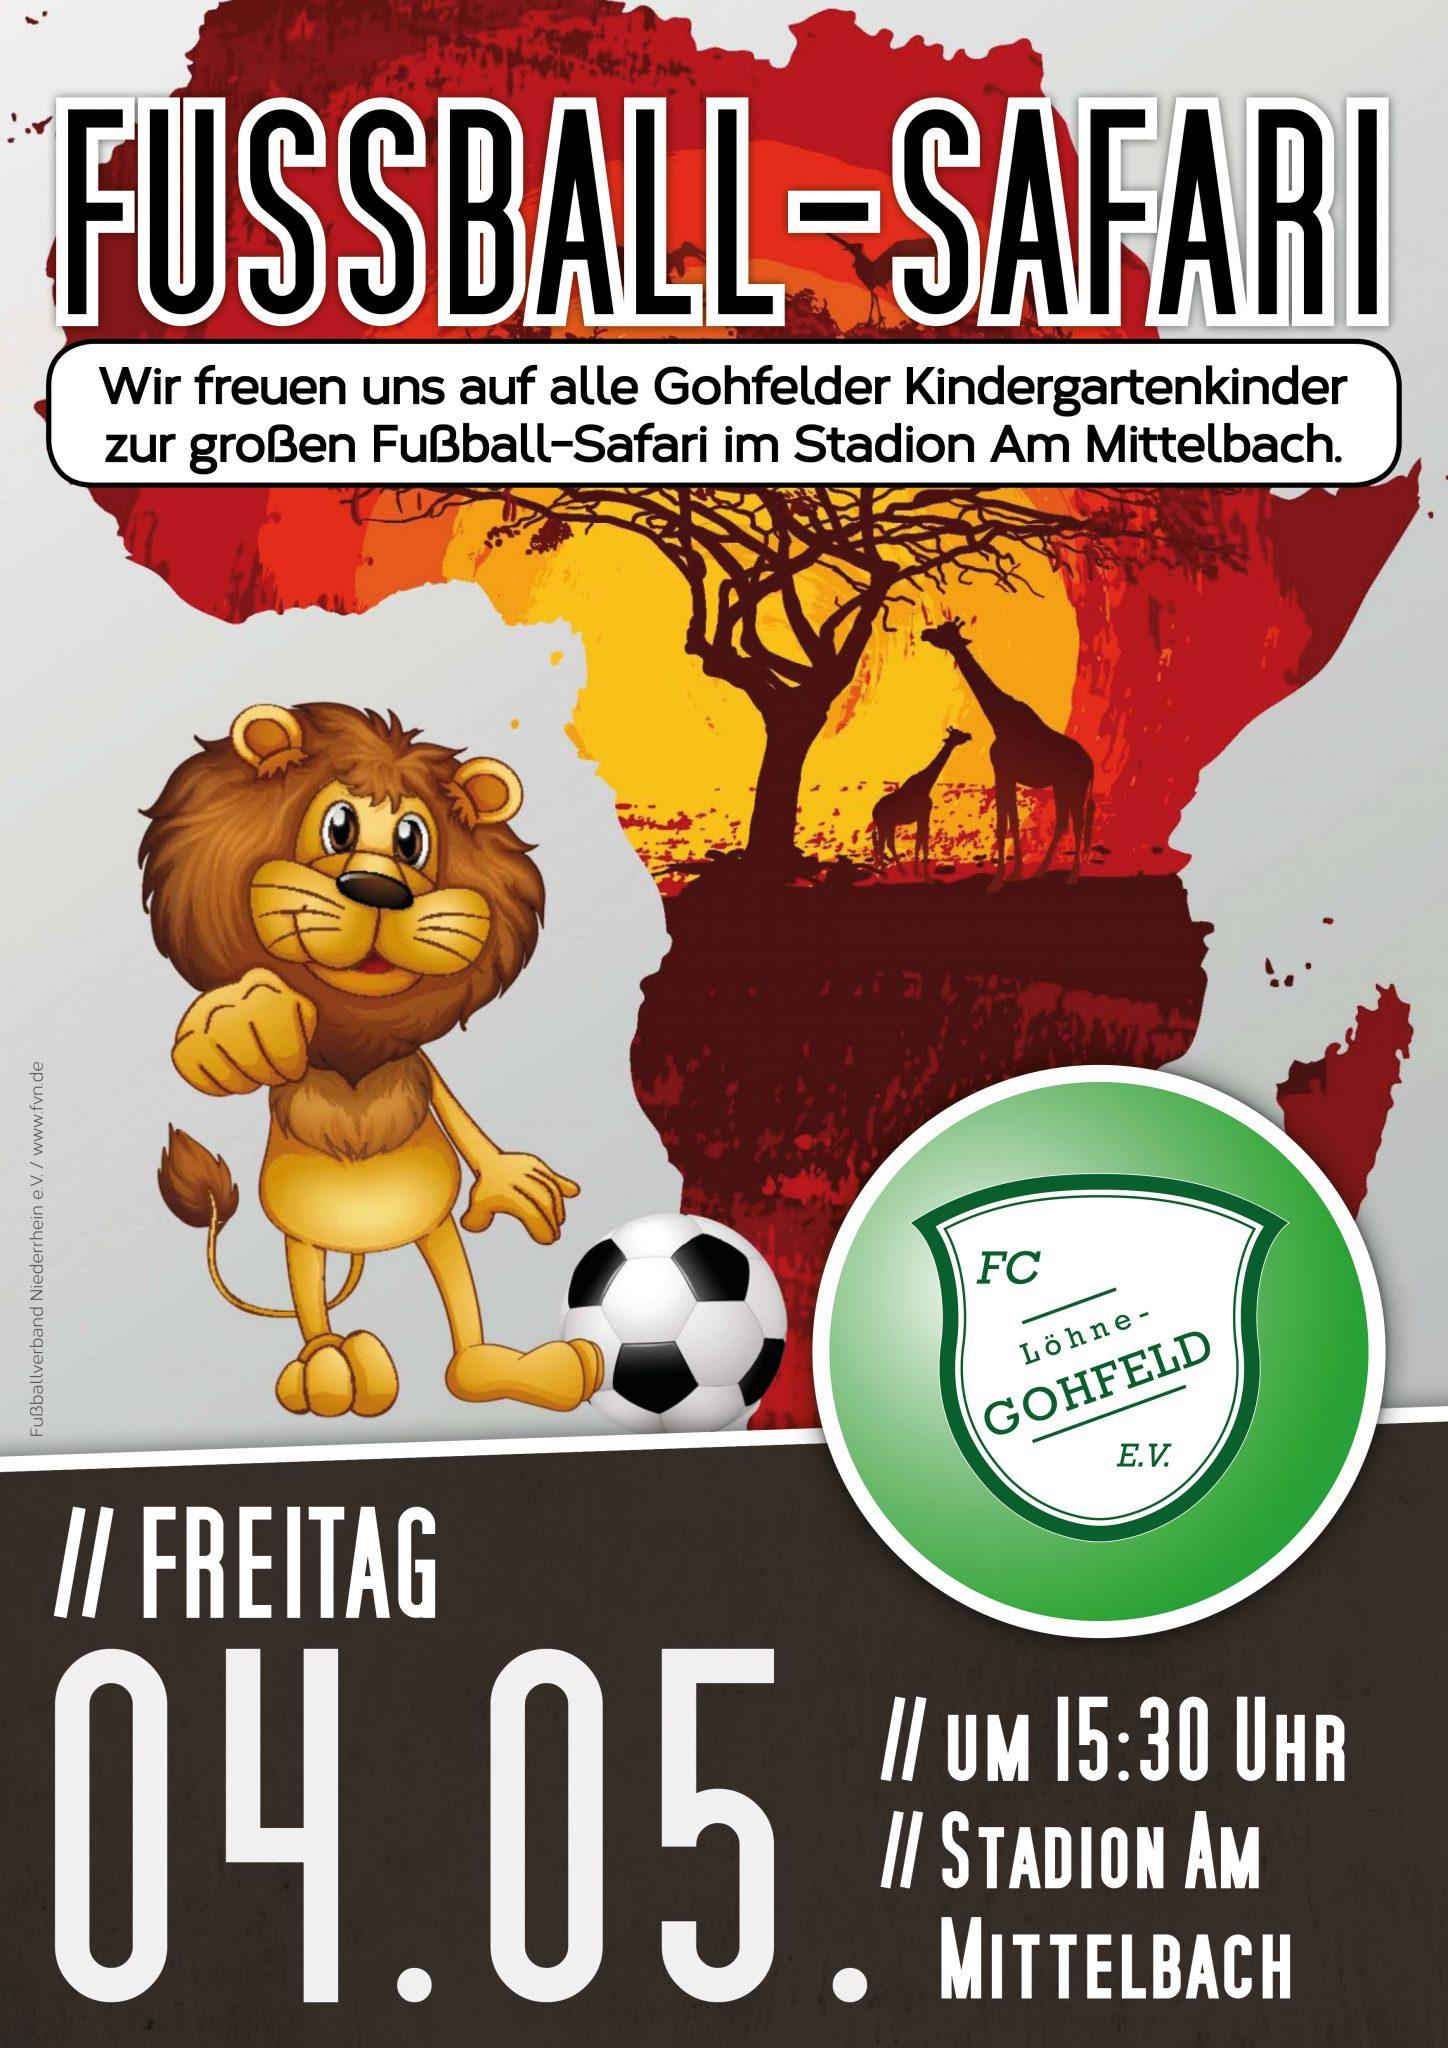 Fußball-Safari 2018